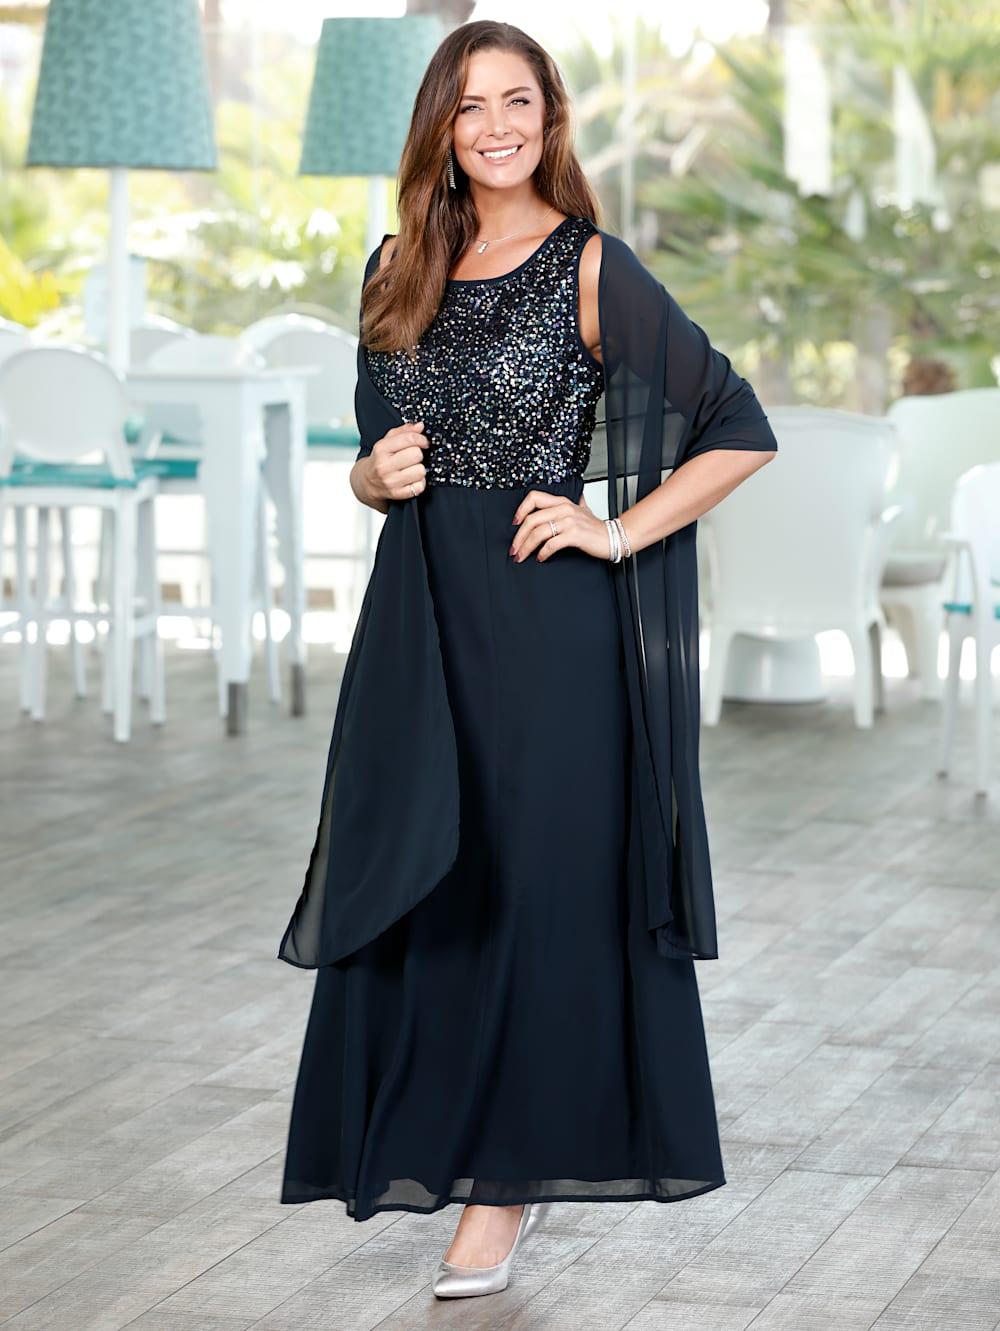 MIAMODA Abendkleid mit edler Stola aus Chiffon  Mia Moda